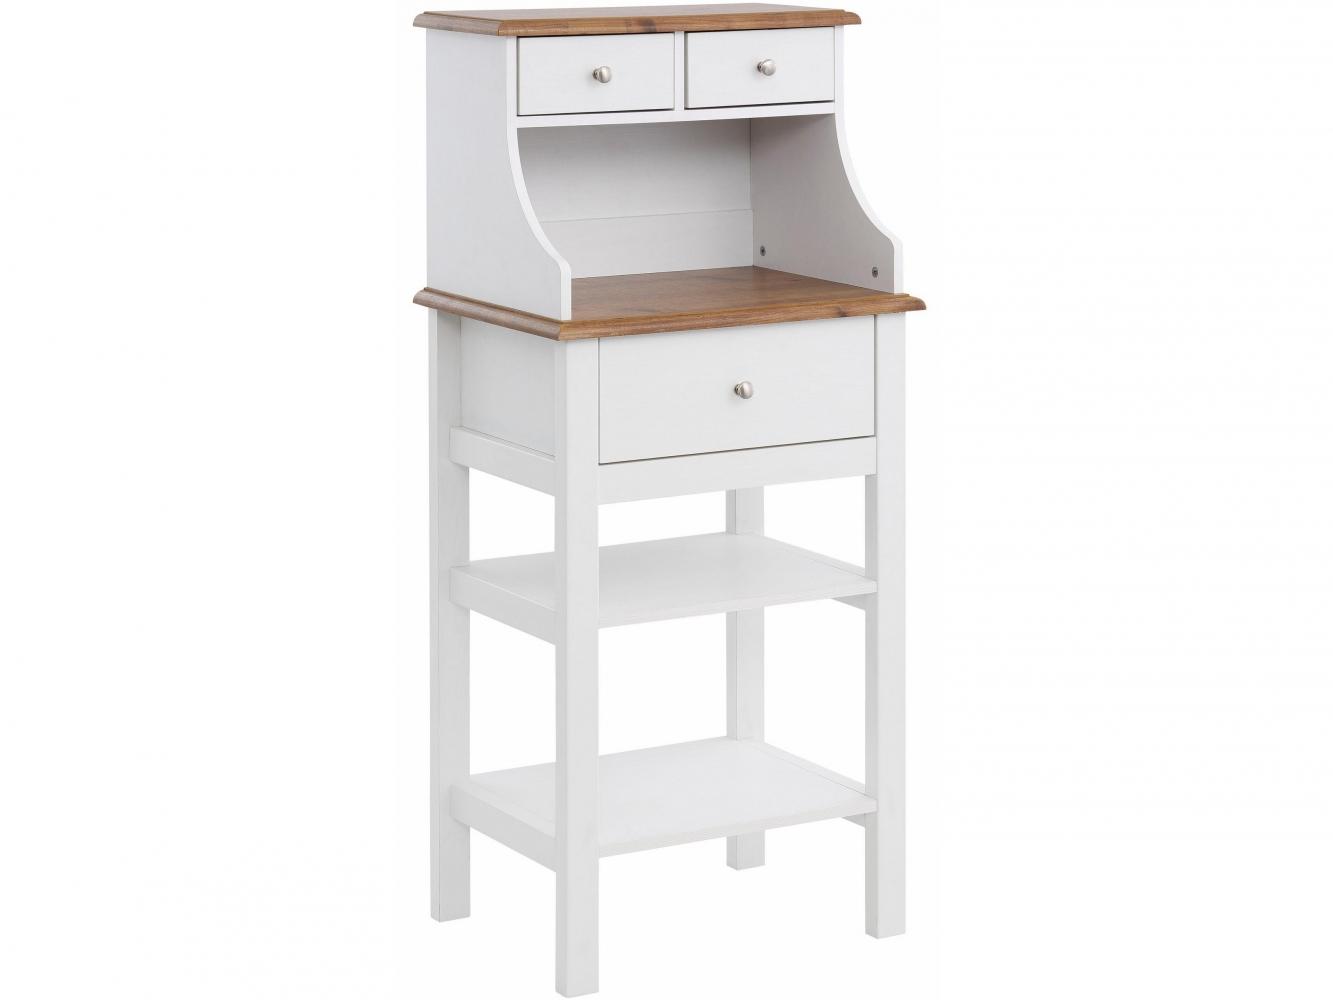 Konzolový stolek Keef, 130 cm, bílá